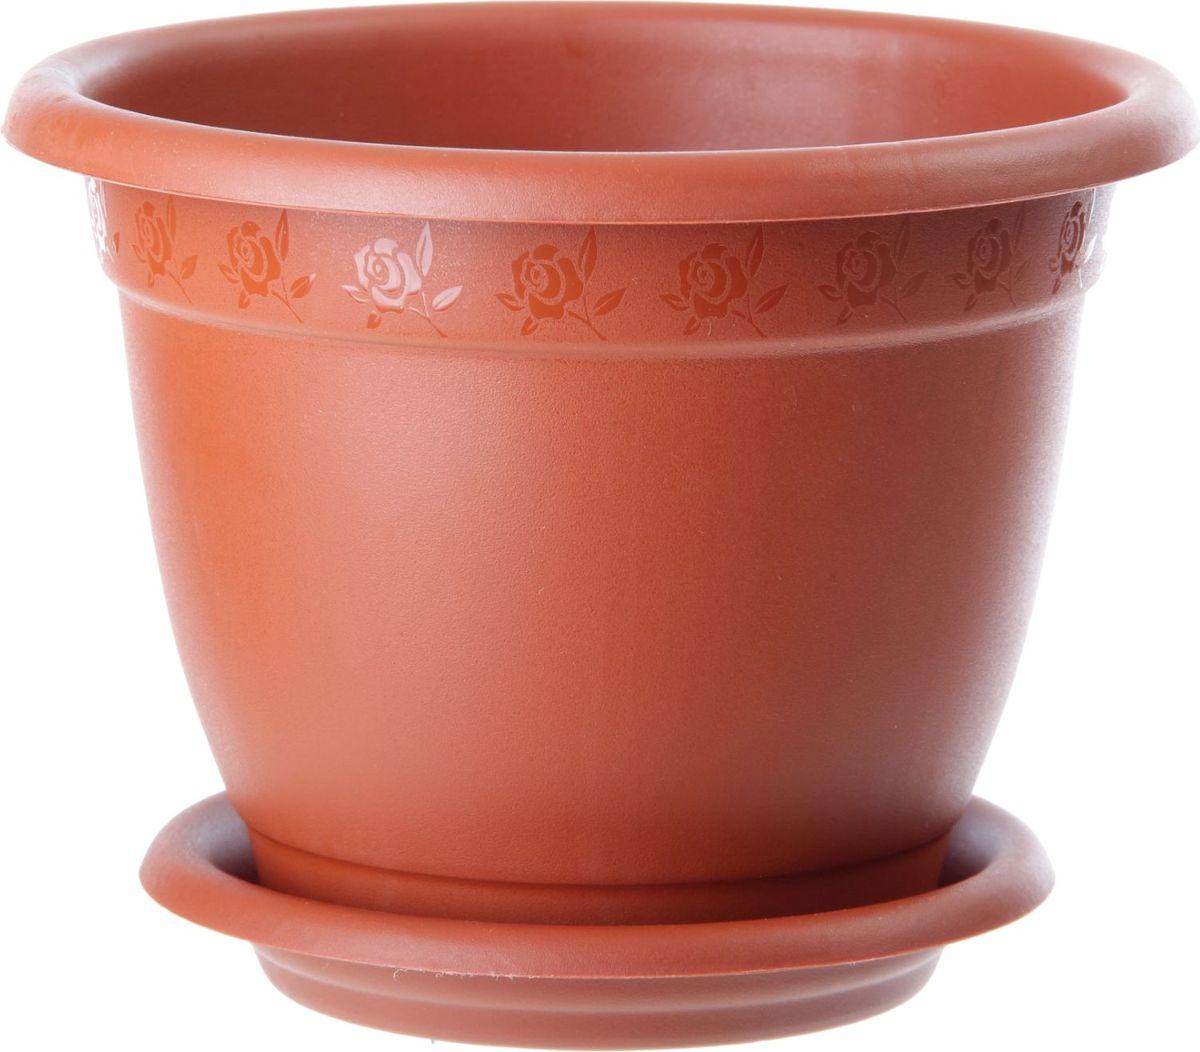 Горшок для цветов InGreen Борнео, с поддоном, цвет: терракотовый, диаметр 21 смING42021FТРЛюбой, даже самый современный и продуманный интерьер будет не завершённым без растений. Они не только очищают воздух и насыщают его кислородом, но и заметно украшают окружающее пространство. Такому полезному &laquo члену семьи&raquoпросто необходимо красивое и функциональное кашпо, оригинальный горшок или необычная ваза! Мы предлагаем - Горшок для цветов d=21 см Борнео 6 л, с подставкой, цвет терракотовый!Оптимальный выбор материала &mdash &nbsp пластмасса! Почему мы так считаем? Малый вес. С лёгкостью переносите горшки и кашпо с места на место, ставьте их на столики или полки, подвешивайте под потолок, не беспокоясь о нагрузке. Простота ухода. Пластиковые изделия не нуждаются в специальных условиях хранения. Их&nbsp легко чистить &mdashдостаточно просто сполоснуть тёплой водой. Никаких царапин. Пластиковые кашпо не царапают и не загрязняют поверхности, на которых стоят. Пластик дольше хранит влагу, а значит &mdashрастение реже нуждается в поливе. Пластмасса не пропускает воздух &mdashкорневой системе растения не грозят резкие перепады температур. Огромный выбор форм, декора и расцветок &mdashвы без труда подберёте что-то, что идеально впишется в уже существующий интерьер.Соблюдая нехитрые правила ухода, вы можете заметно продлить срок службы горшков, вазонов и кашпо из пластика: всегда учитывайте размер кроны и корневой системы растения (при разрастании большое растение способно повредить маленький горшок)берегите изделие от воздействия прямых солнечных лучей, чтобы кашпо и горшки не выцветалидержите кашпо и горшки из пластика подальше от нагревающихся поверхностей.Создавайте прекрасные цветочные композиции, выращивайте рассаду или необычные растения, а низкие цены позволят вам не ограничивать себя в выборе.